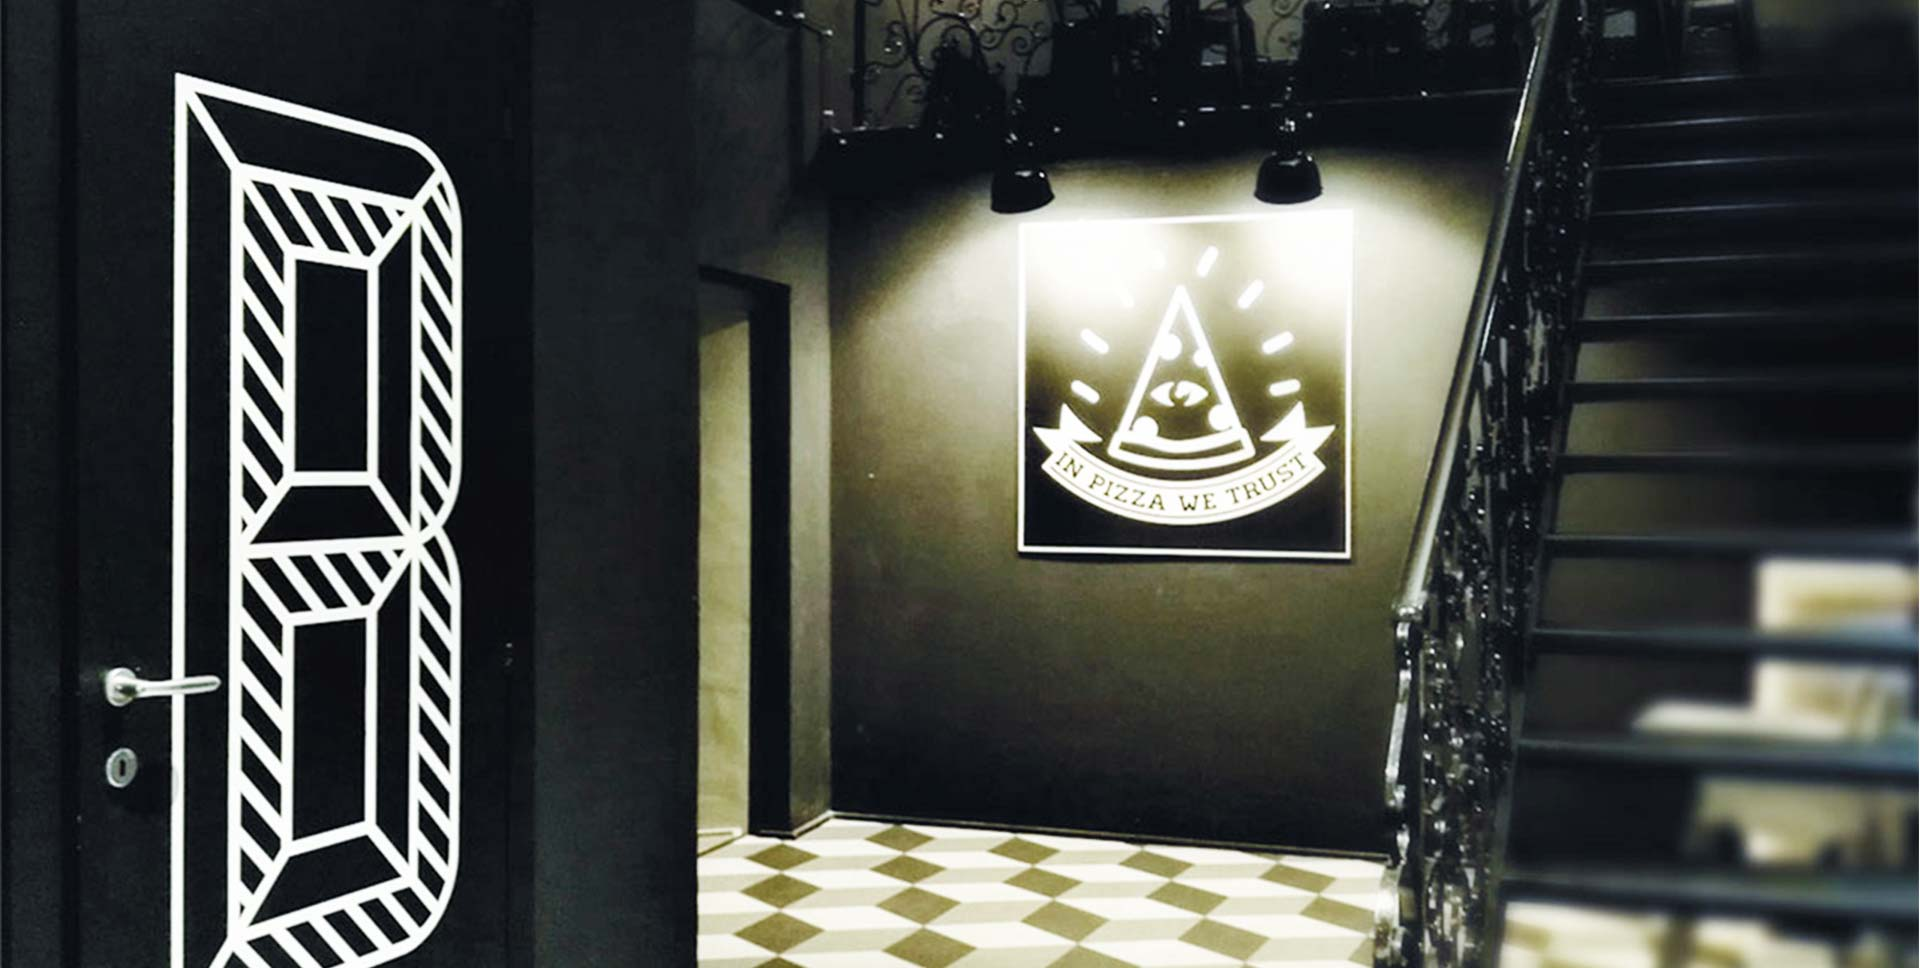 interni-briscola-decorazioni-adesive